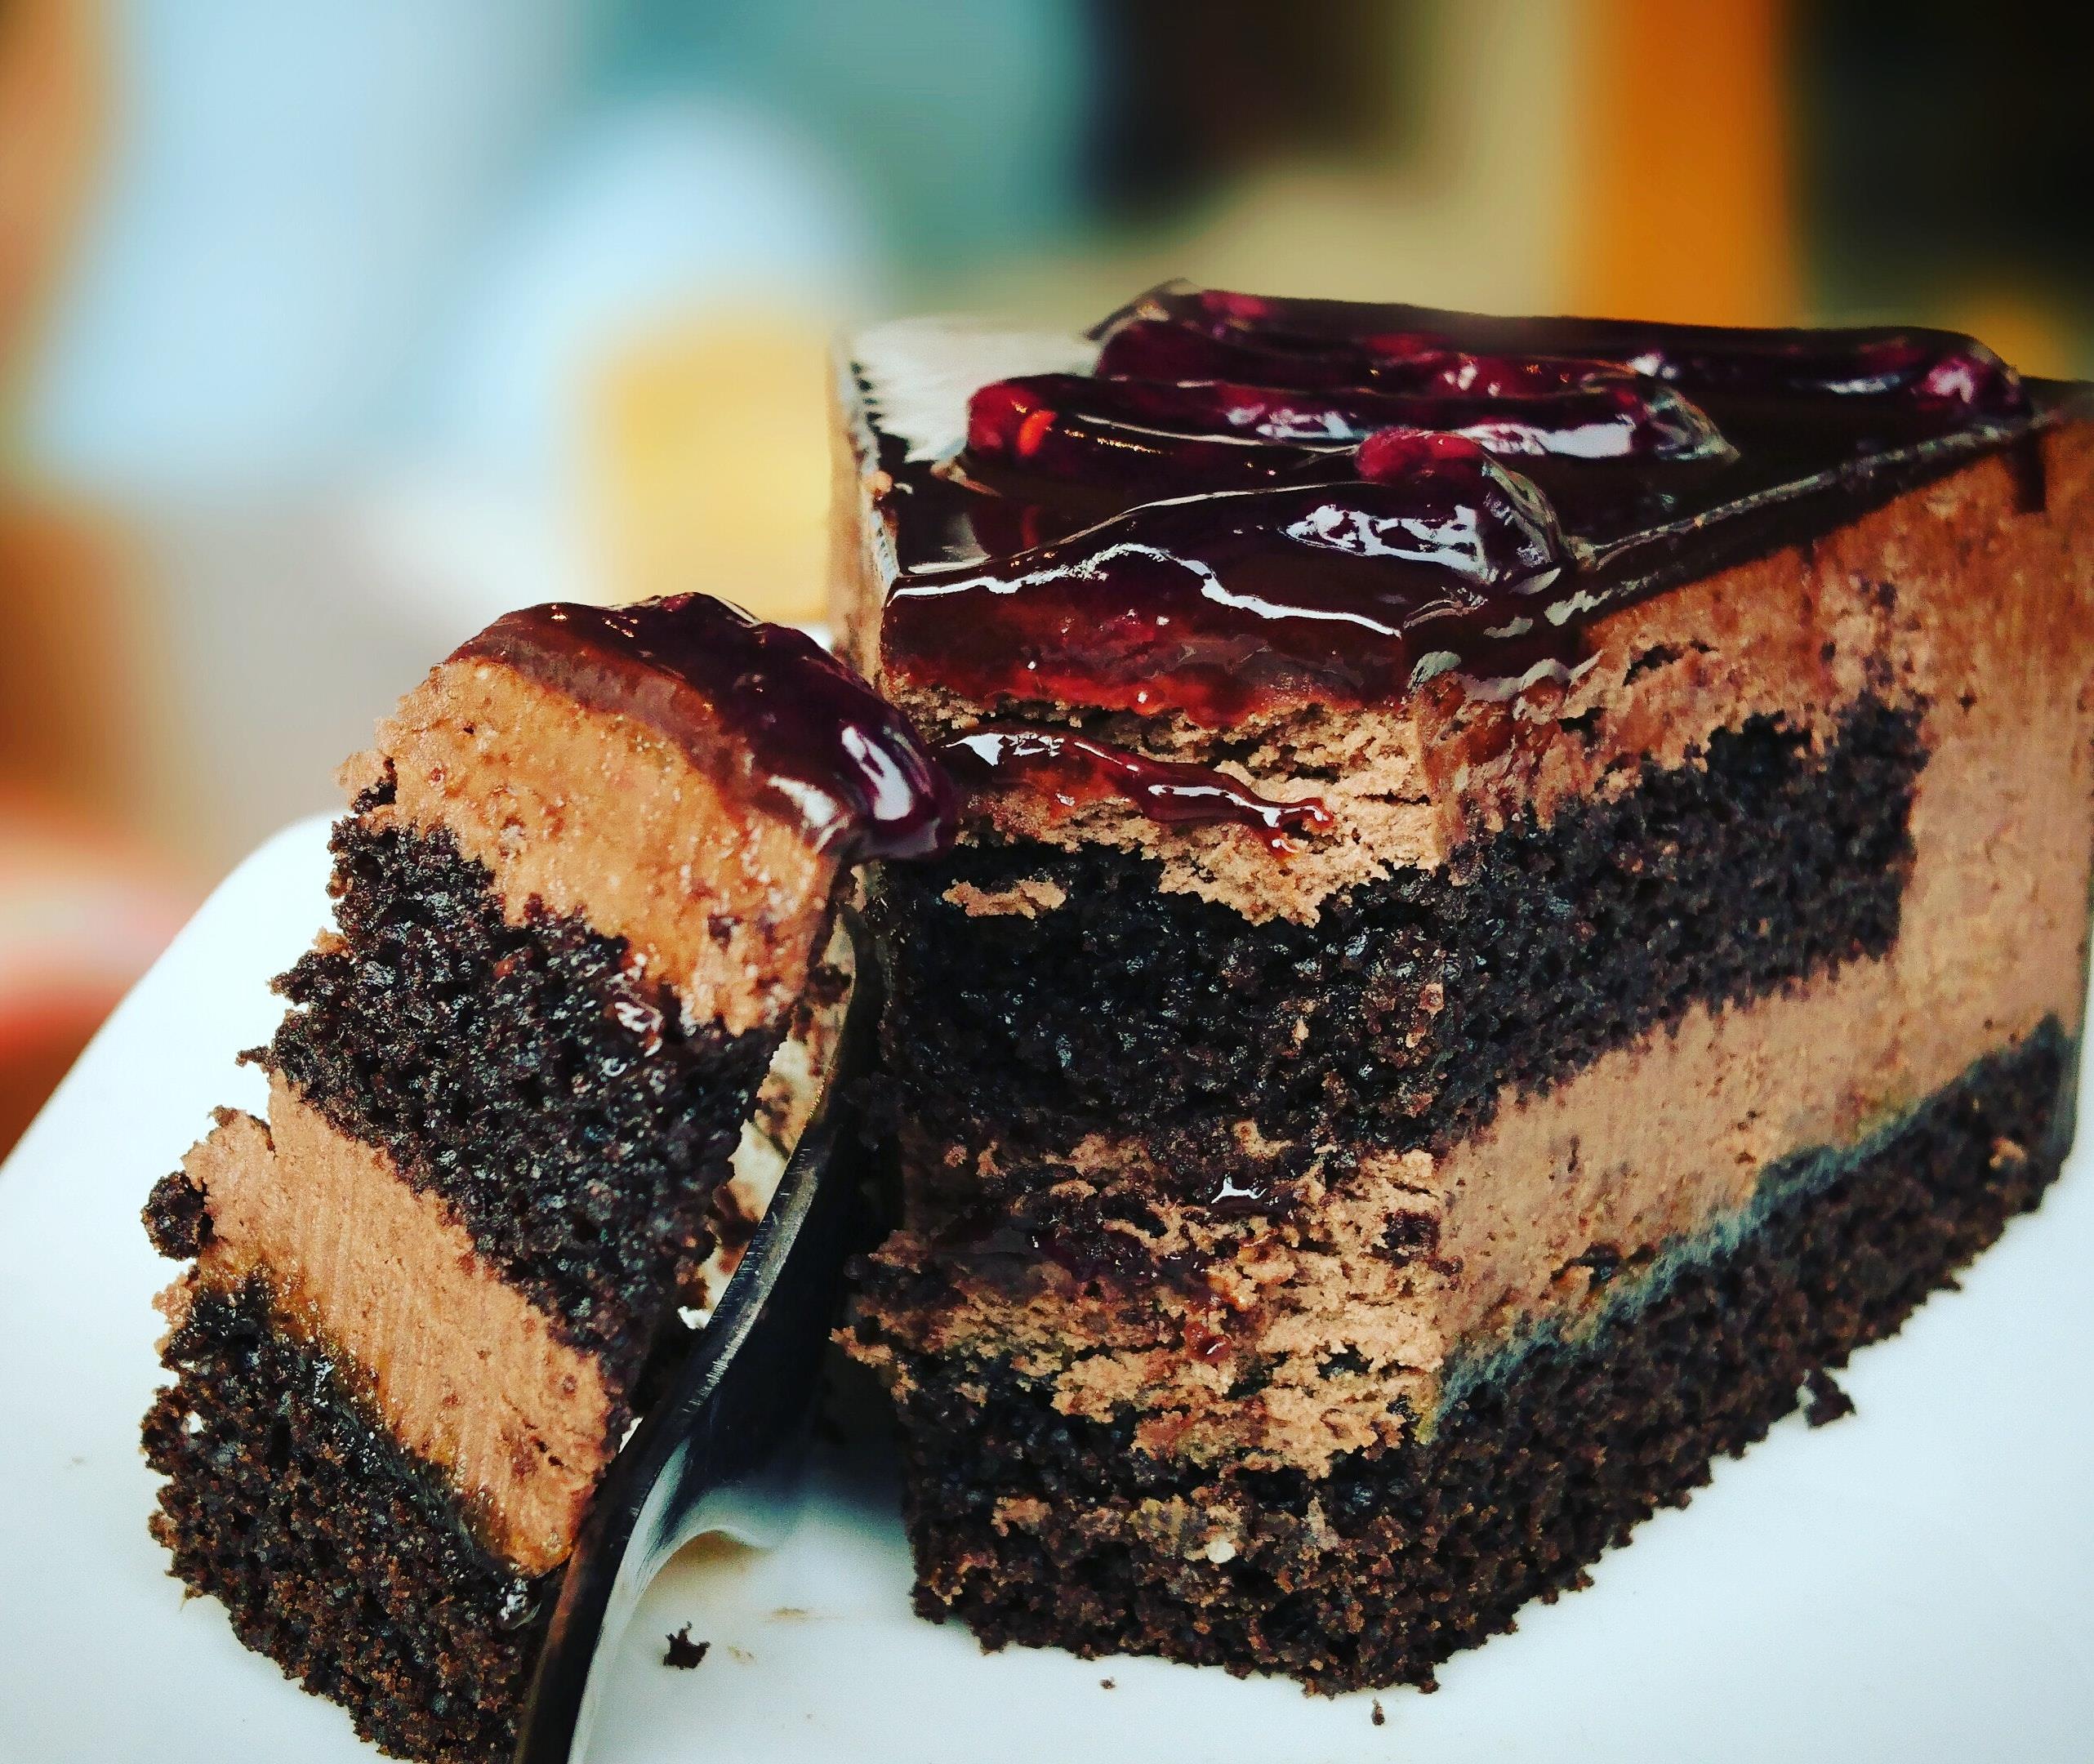 Copertina frasi sulle torte al cioccolato